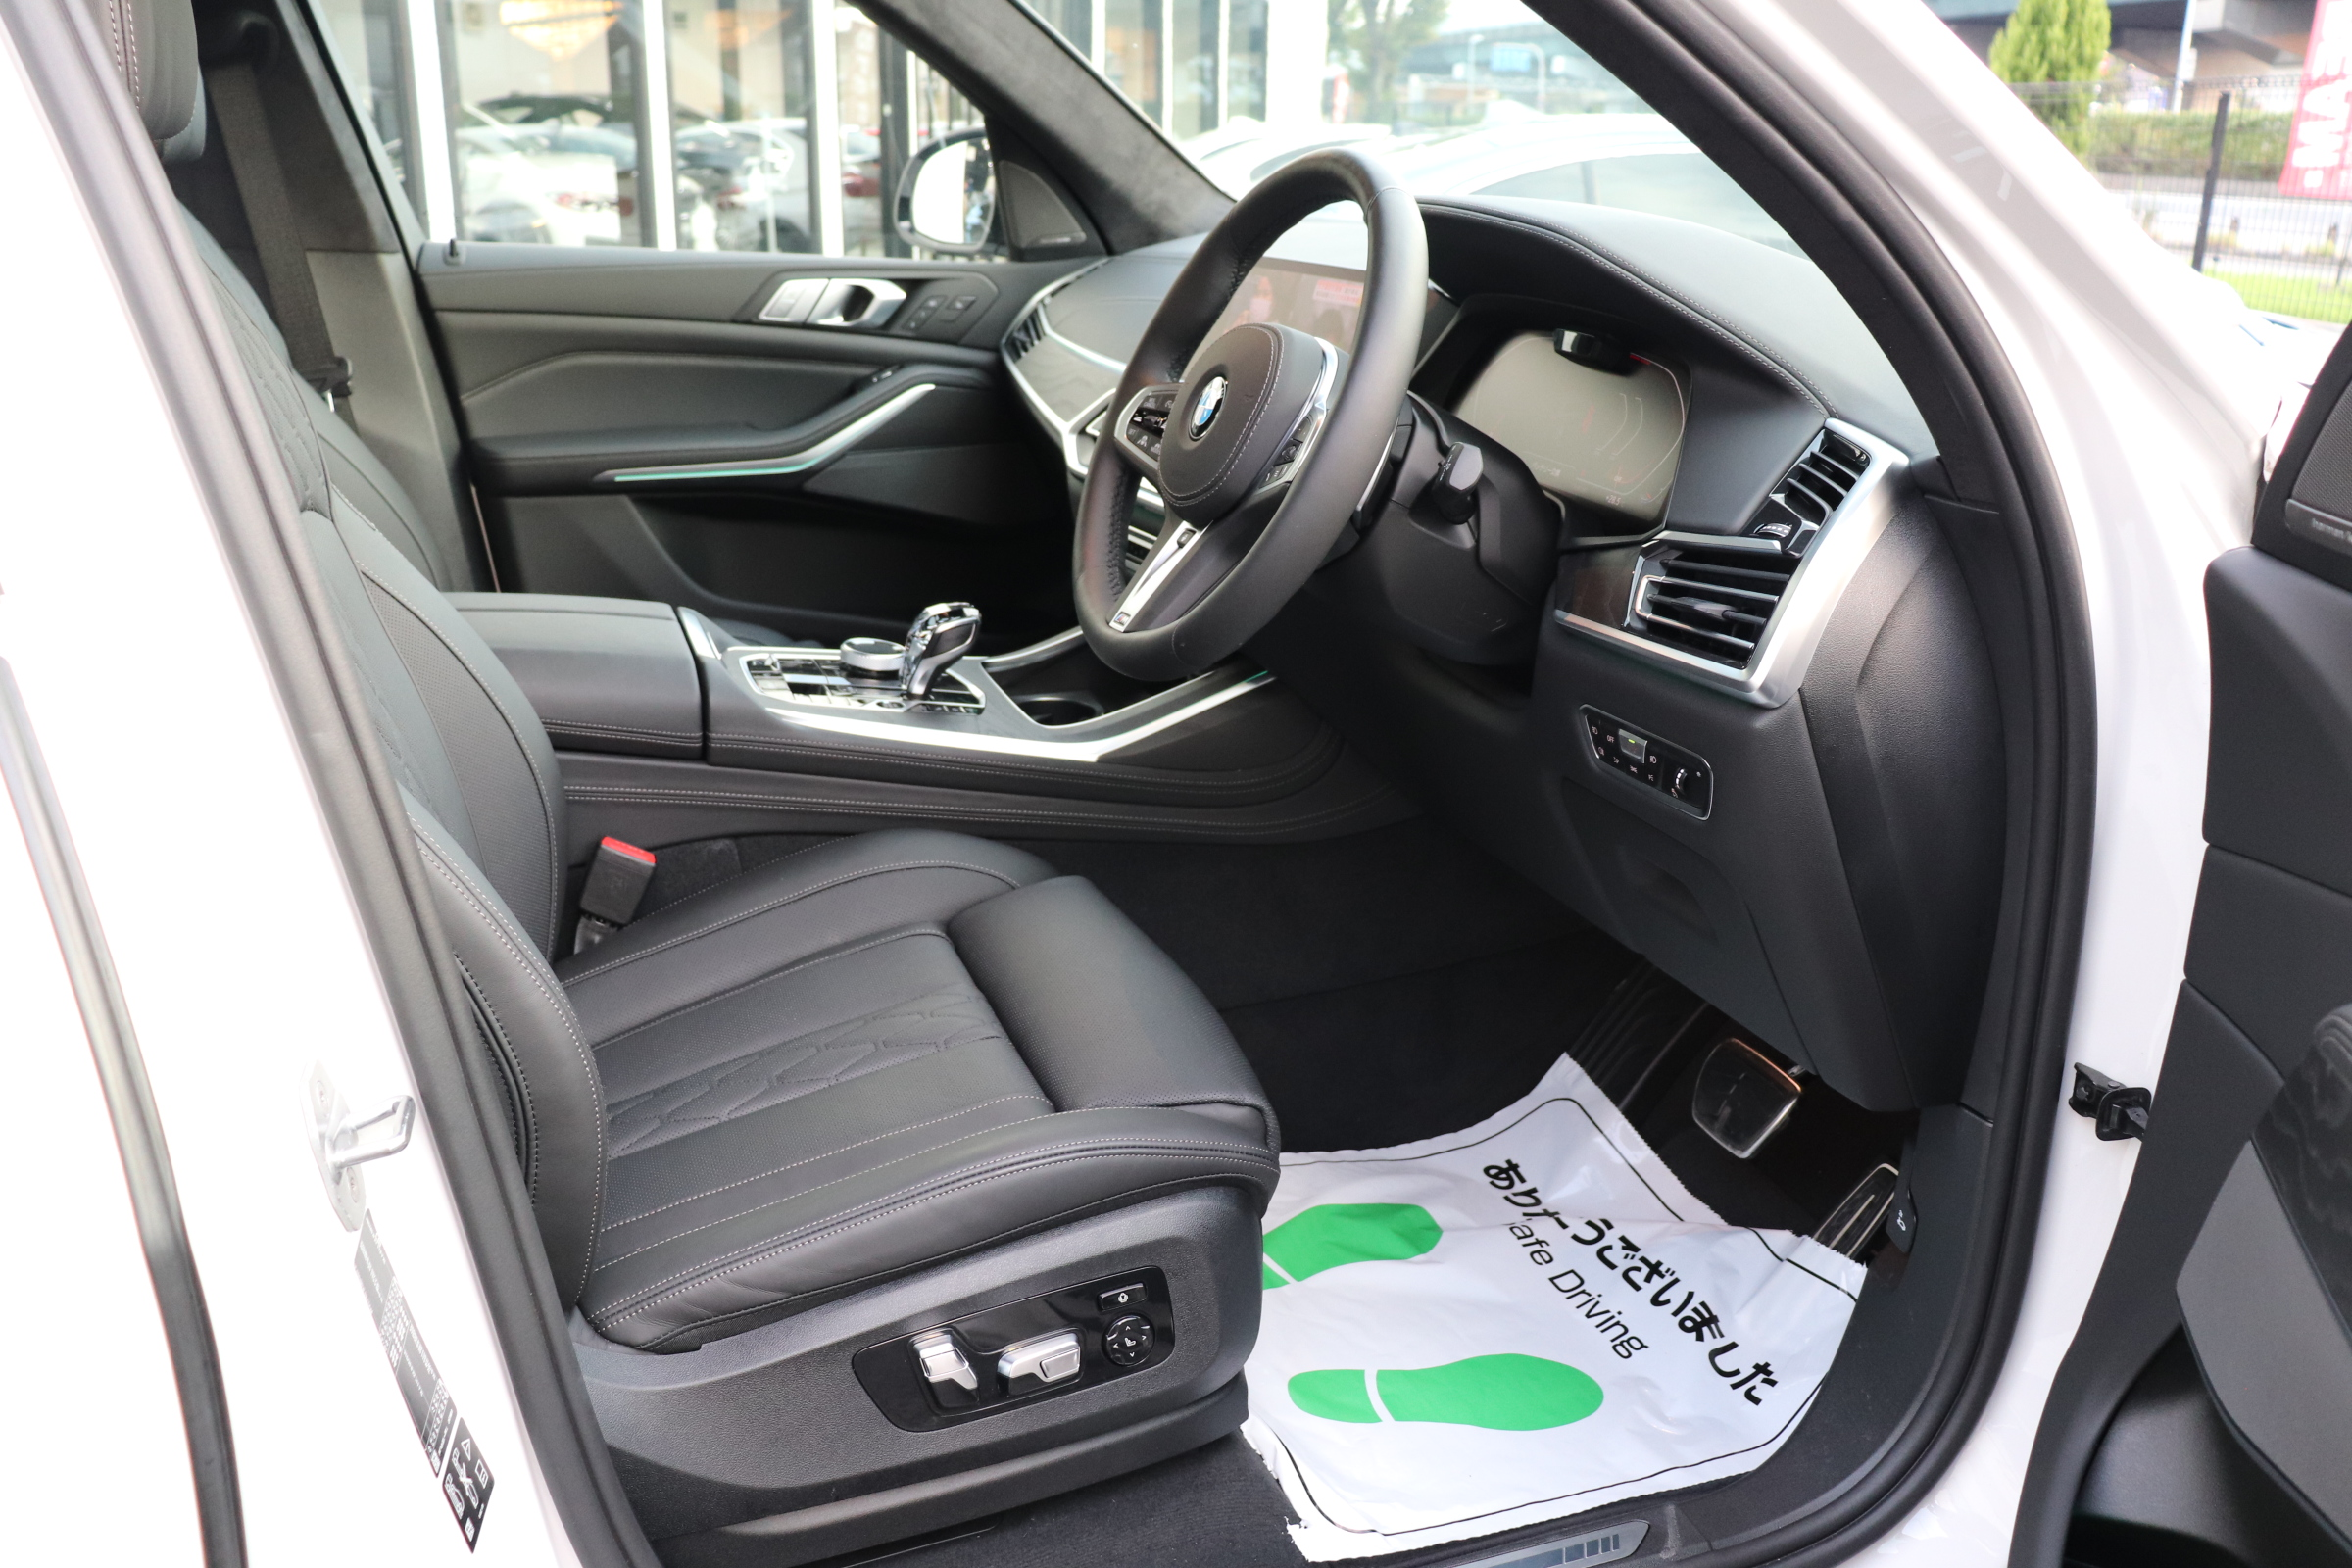 X7 xDrive35d Mスポーツ ウェルネスP スカイラウンジSR リアエンタメ車両画像11